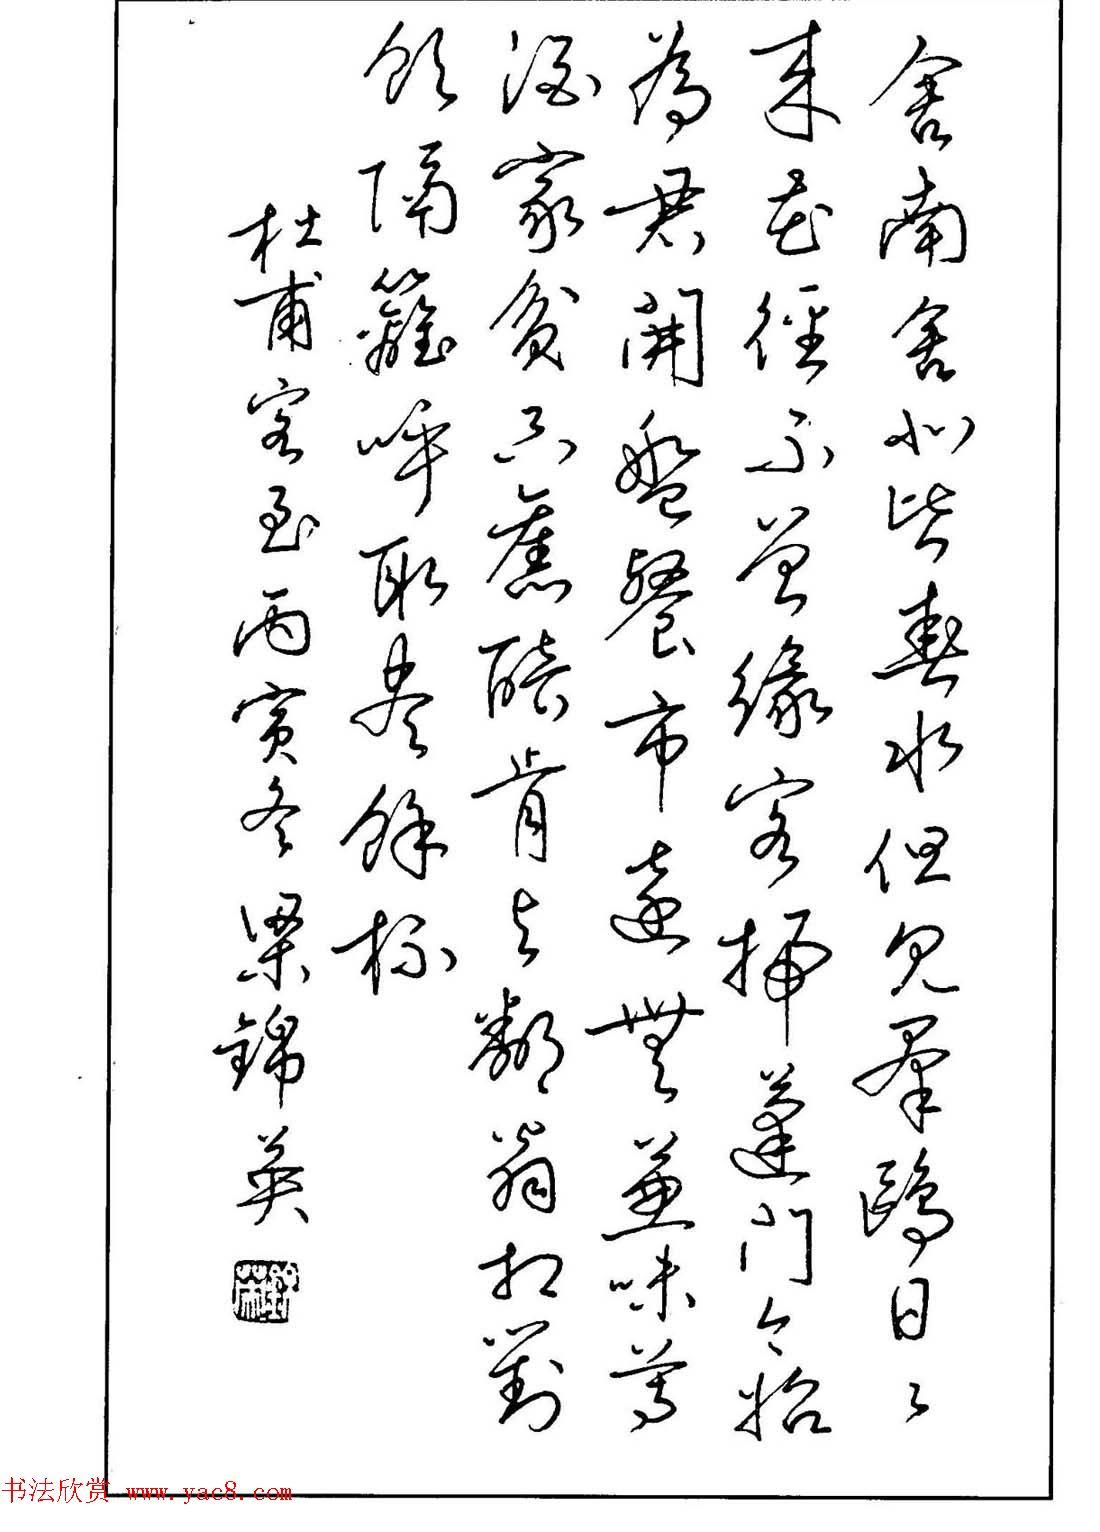 硬笔书法作品集《草书名家精品欣赏》(3)